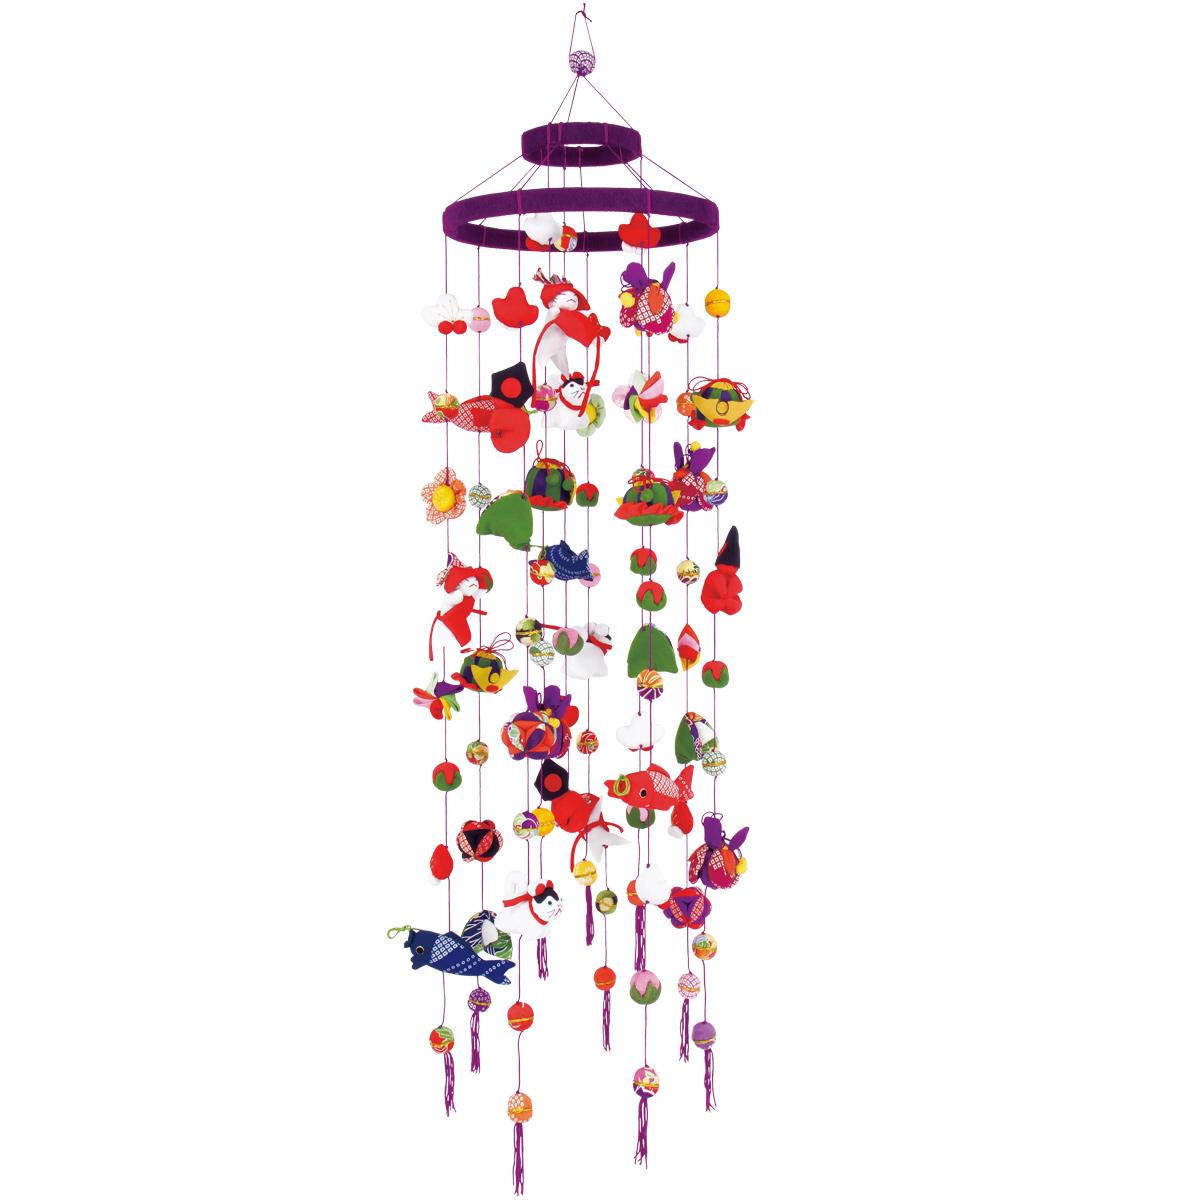 端午 二重飾り・下げ飾り【京都くろちく和雑貨】吊るし飾り【楽ギフ_のし】